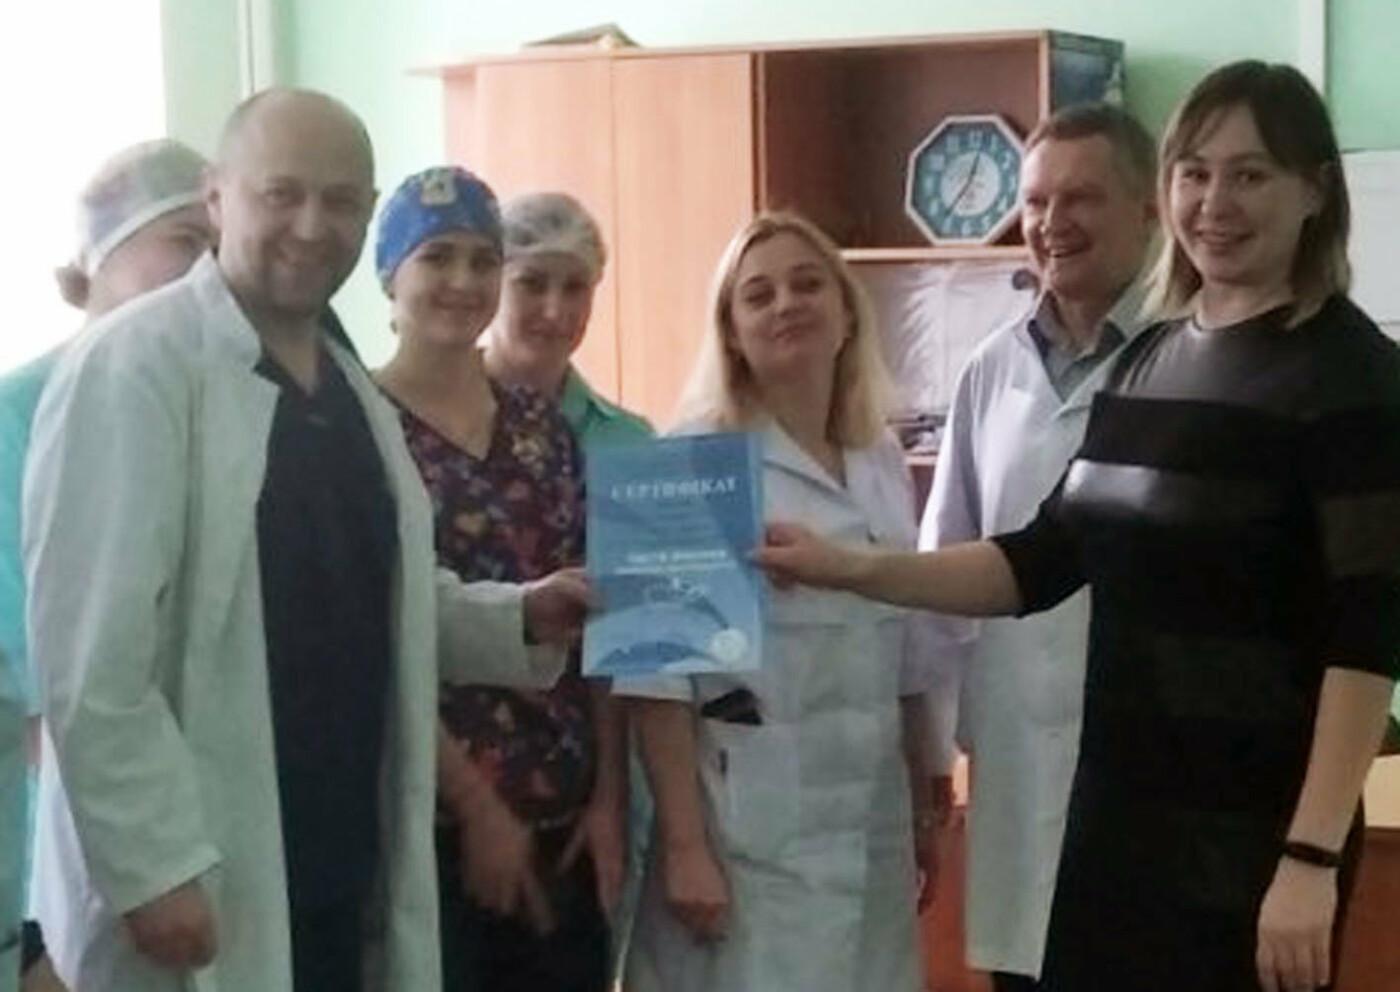 Відділення хірургії у Здолбунівській ЦРЛ визнали найчистішим (ФОТО), фото-1